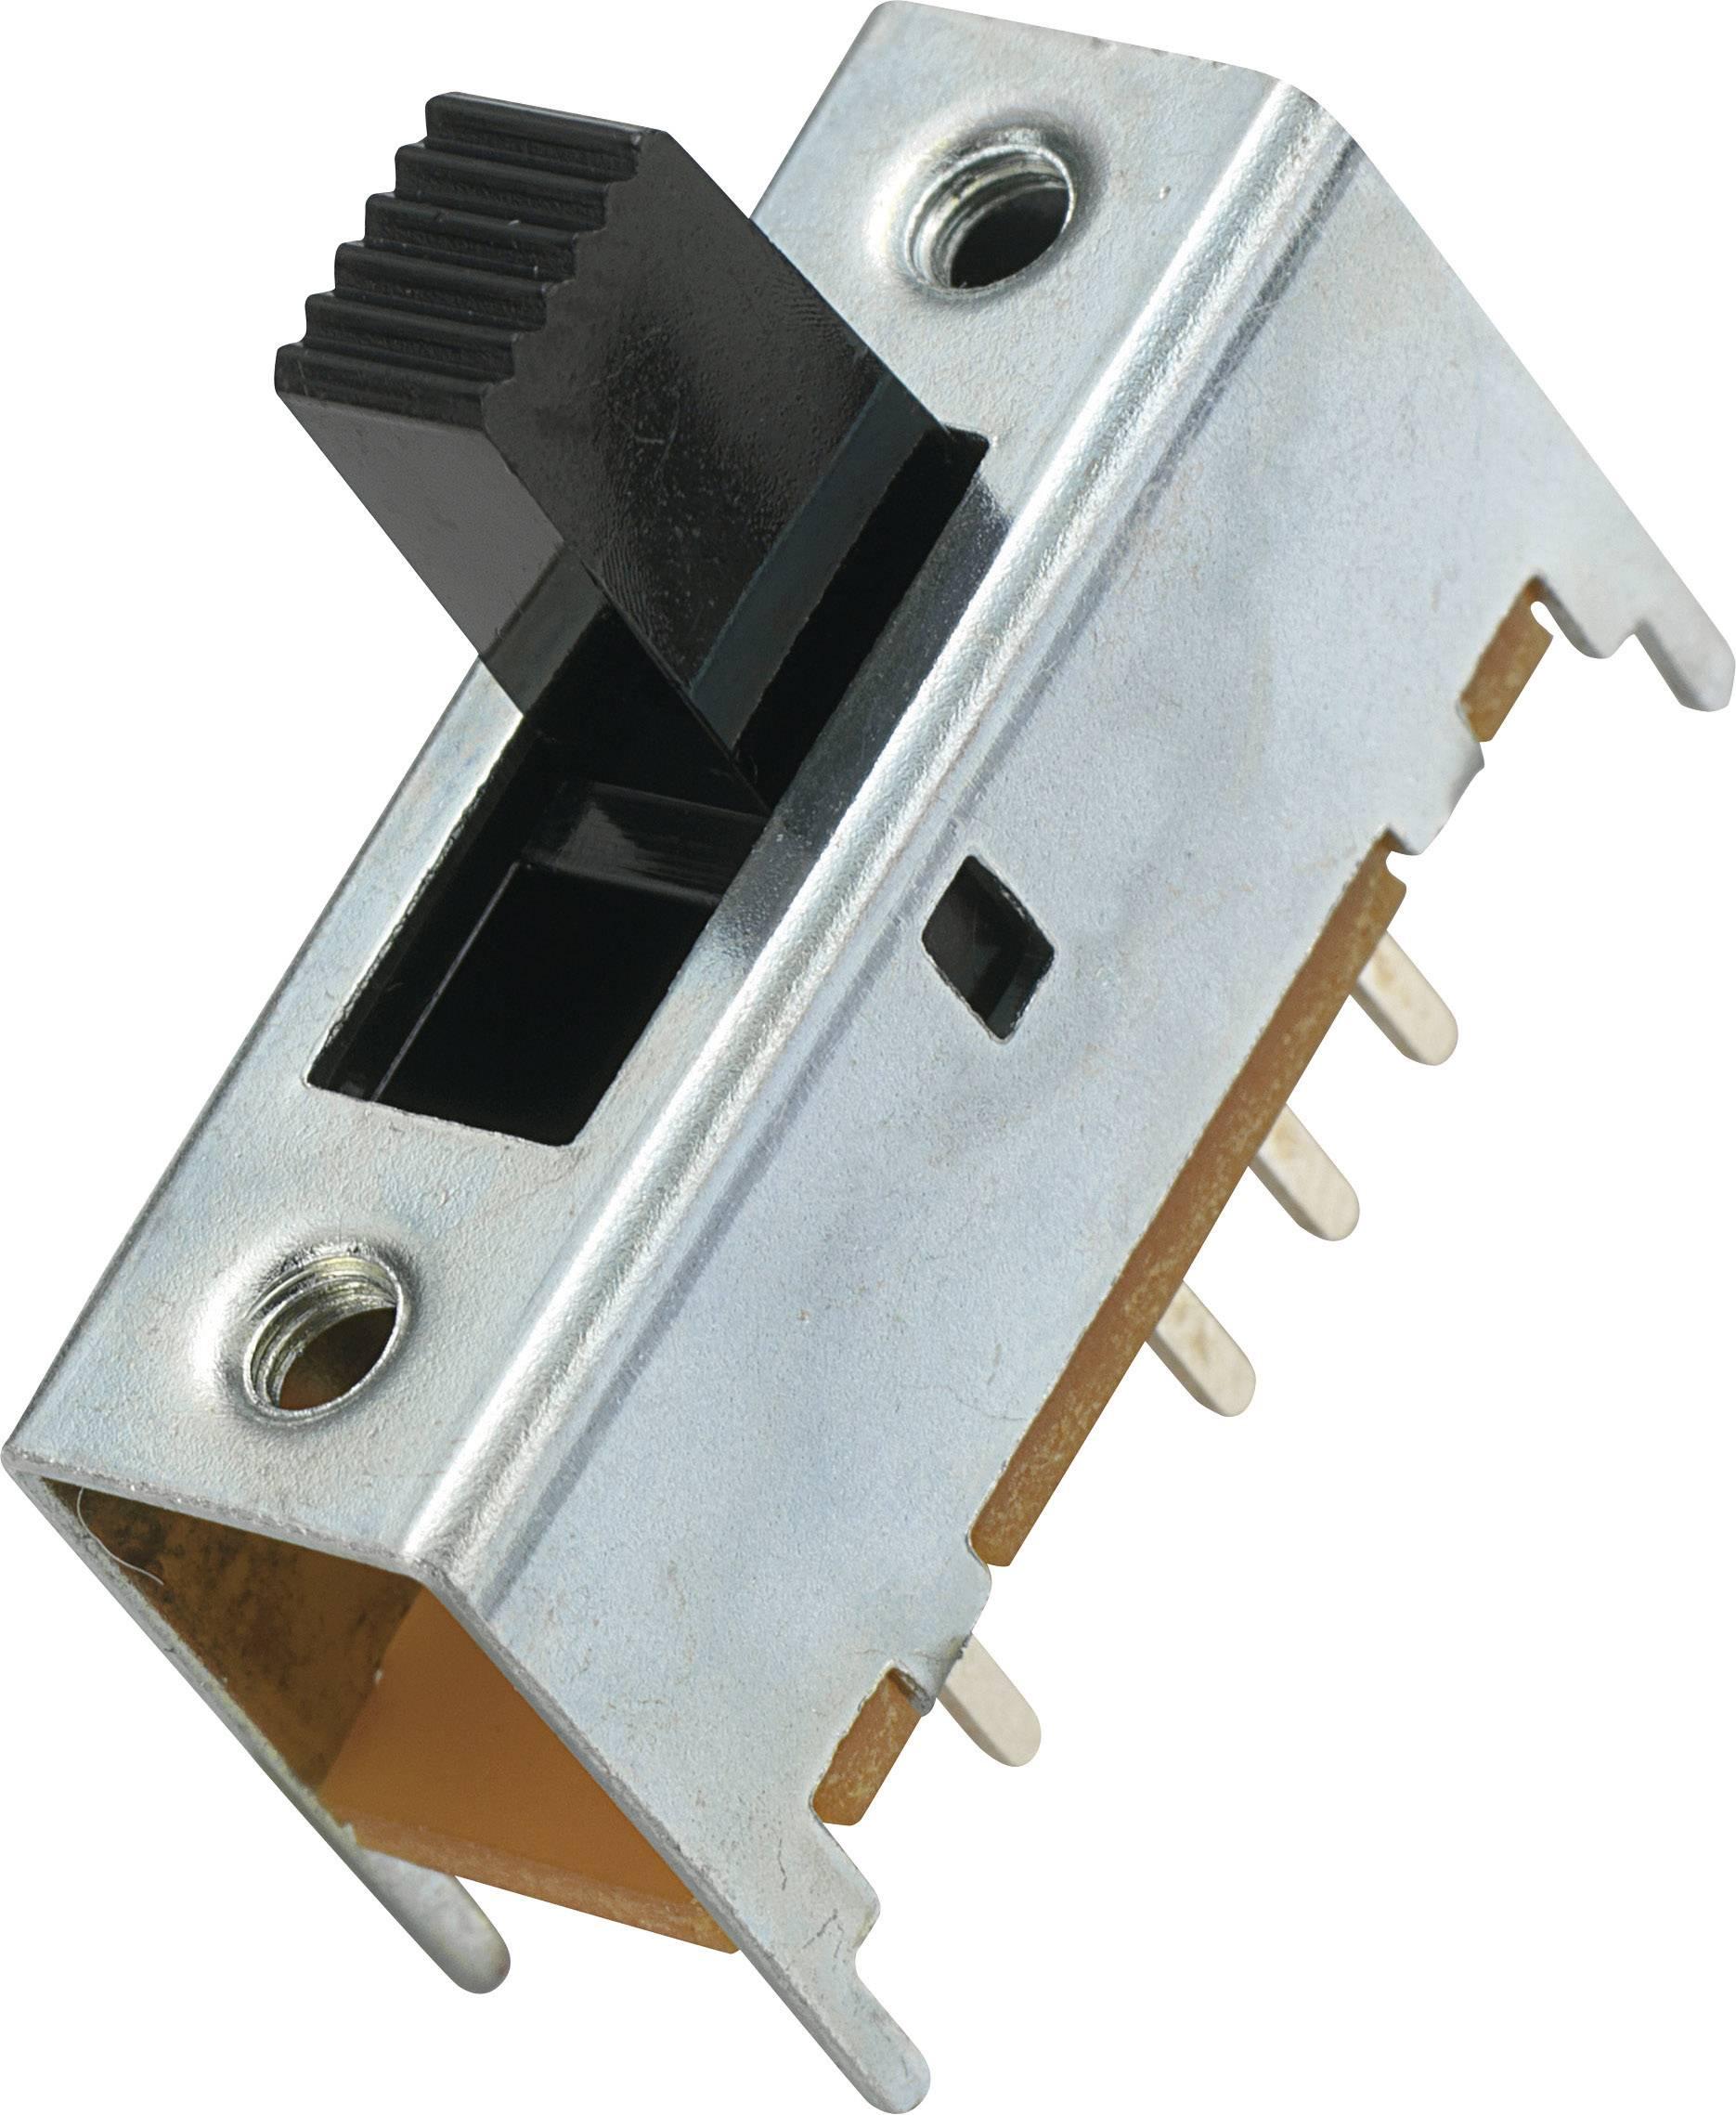 Posuvný přepínač MS-034, 2x zap/vyp/zap